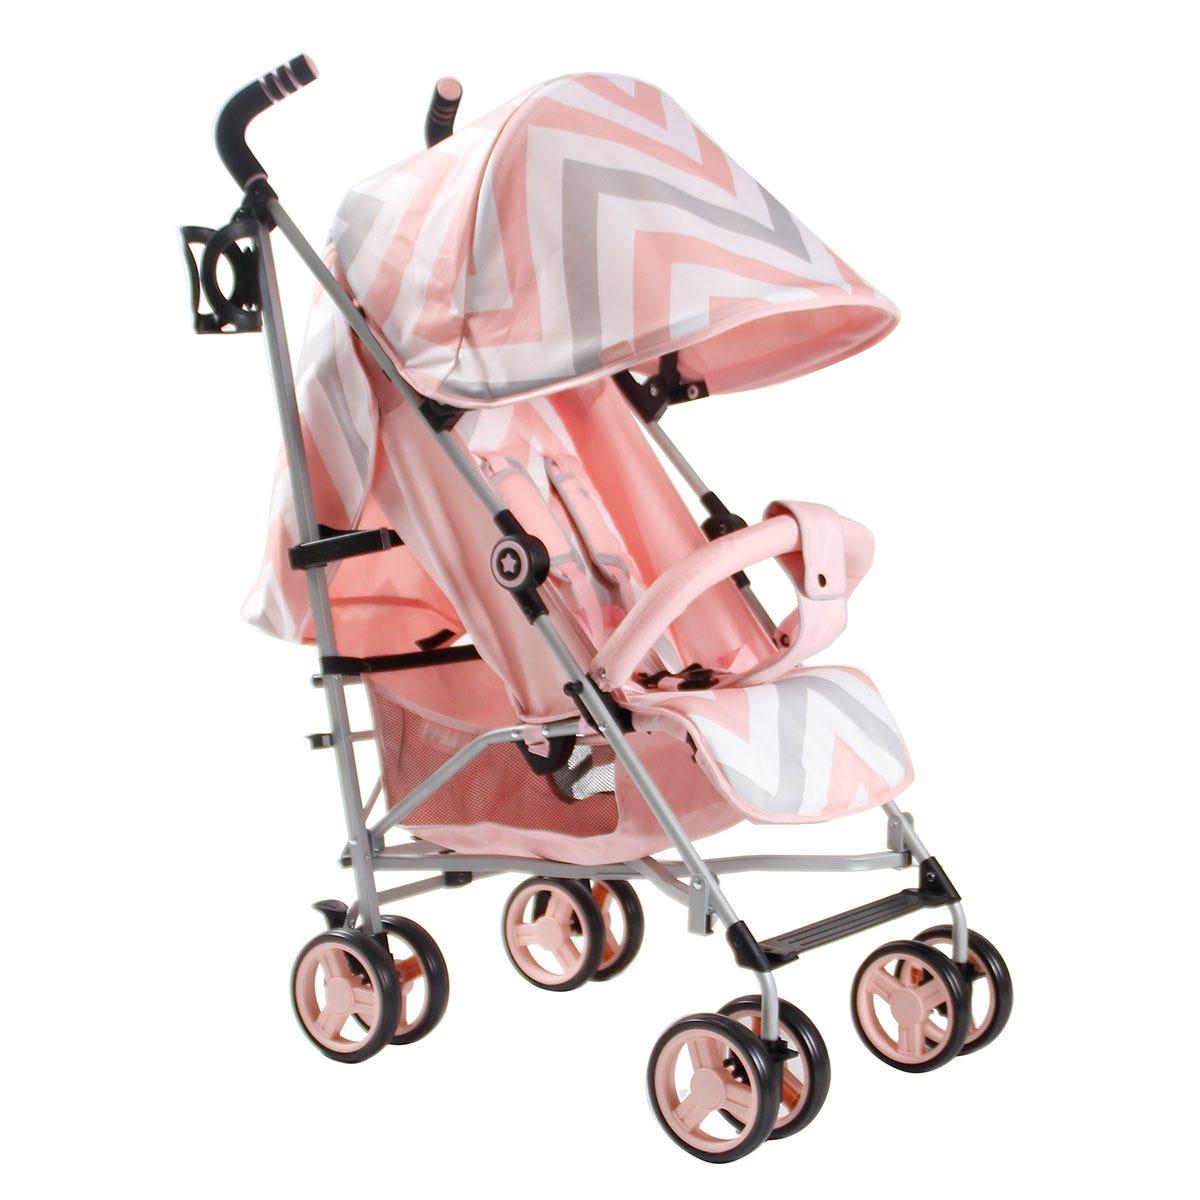 My Babiie MB02 Stroller - Pink Chevron